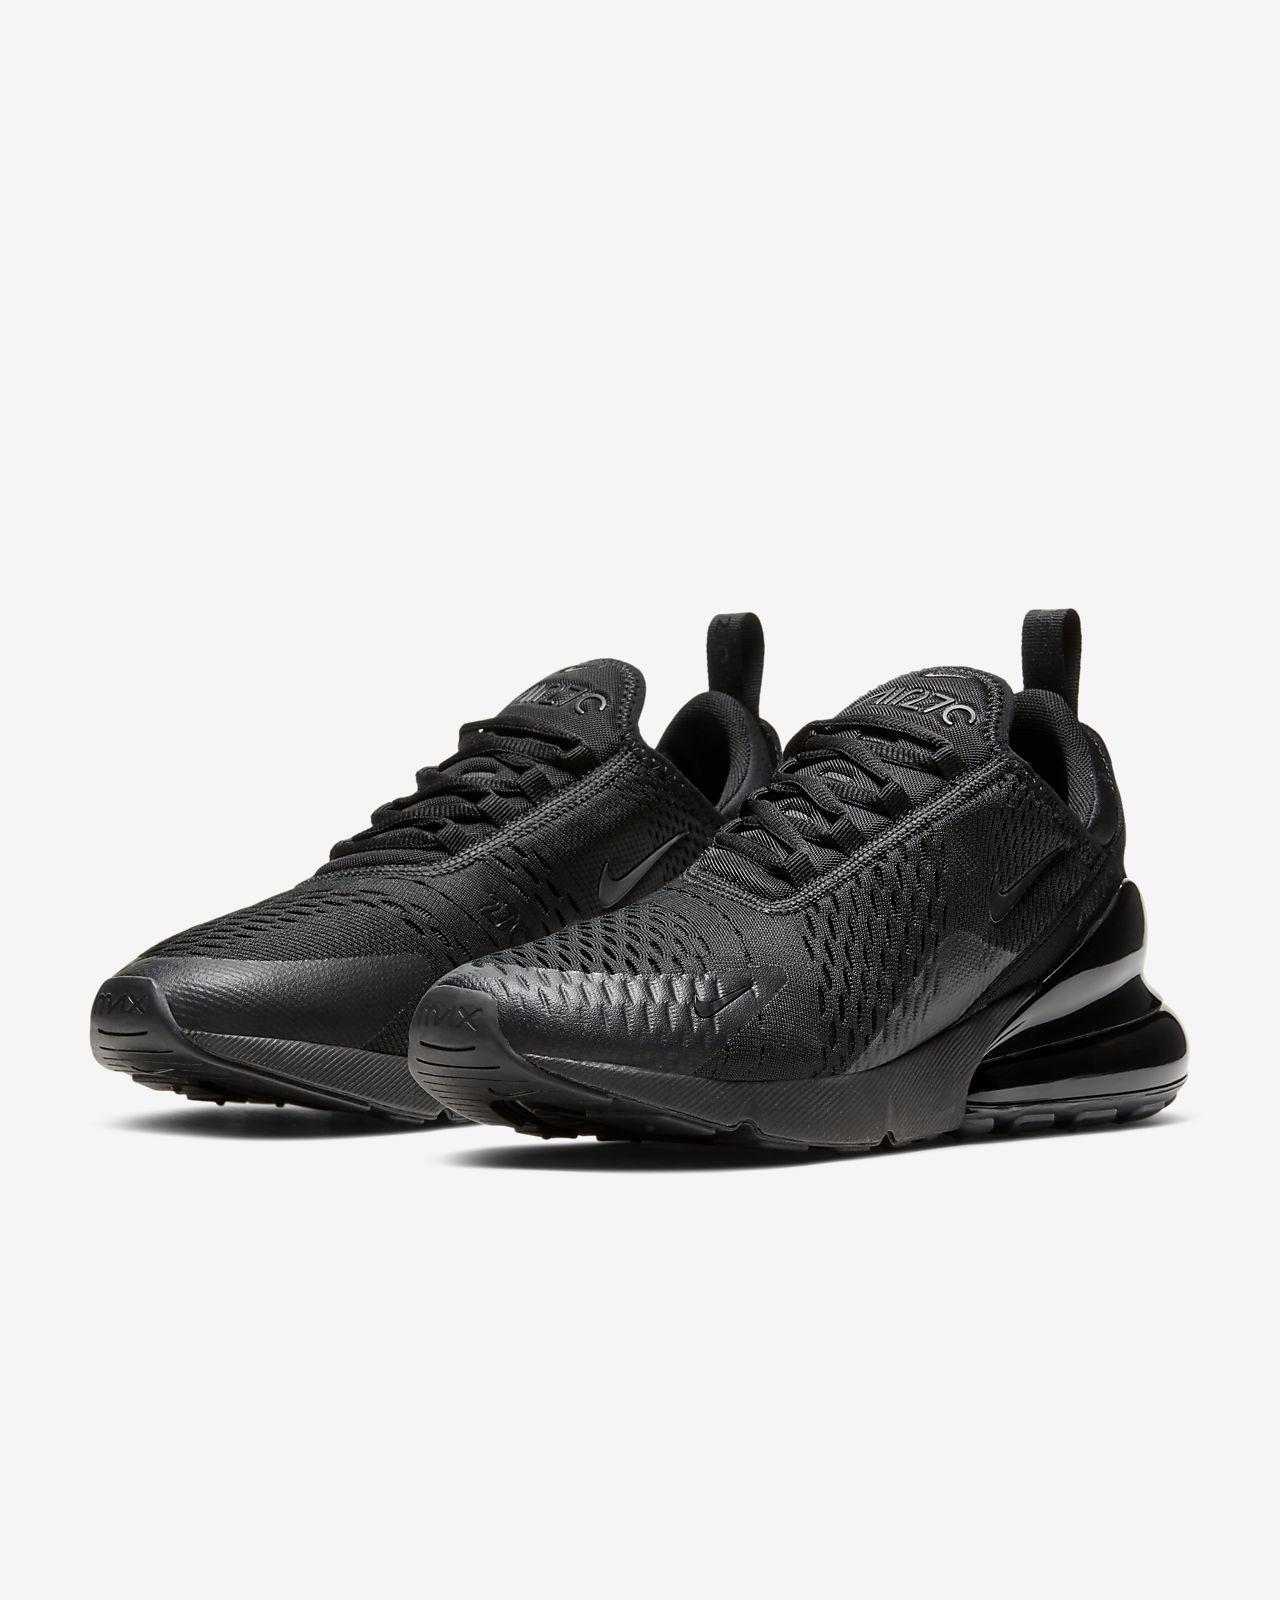 hot sale online 3c79f 18539 ... Nike Air Max 270 herresko